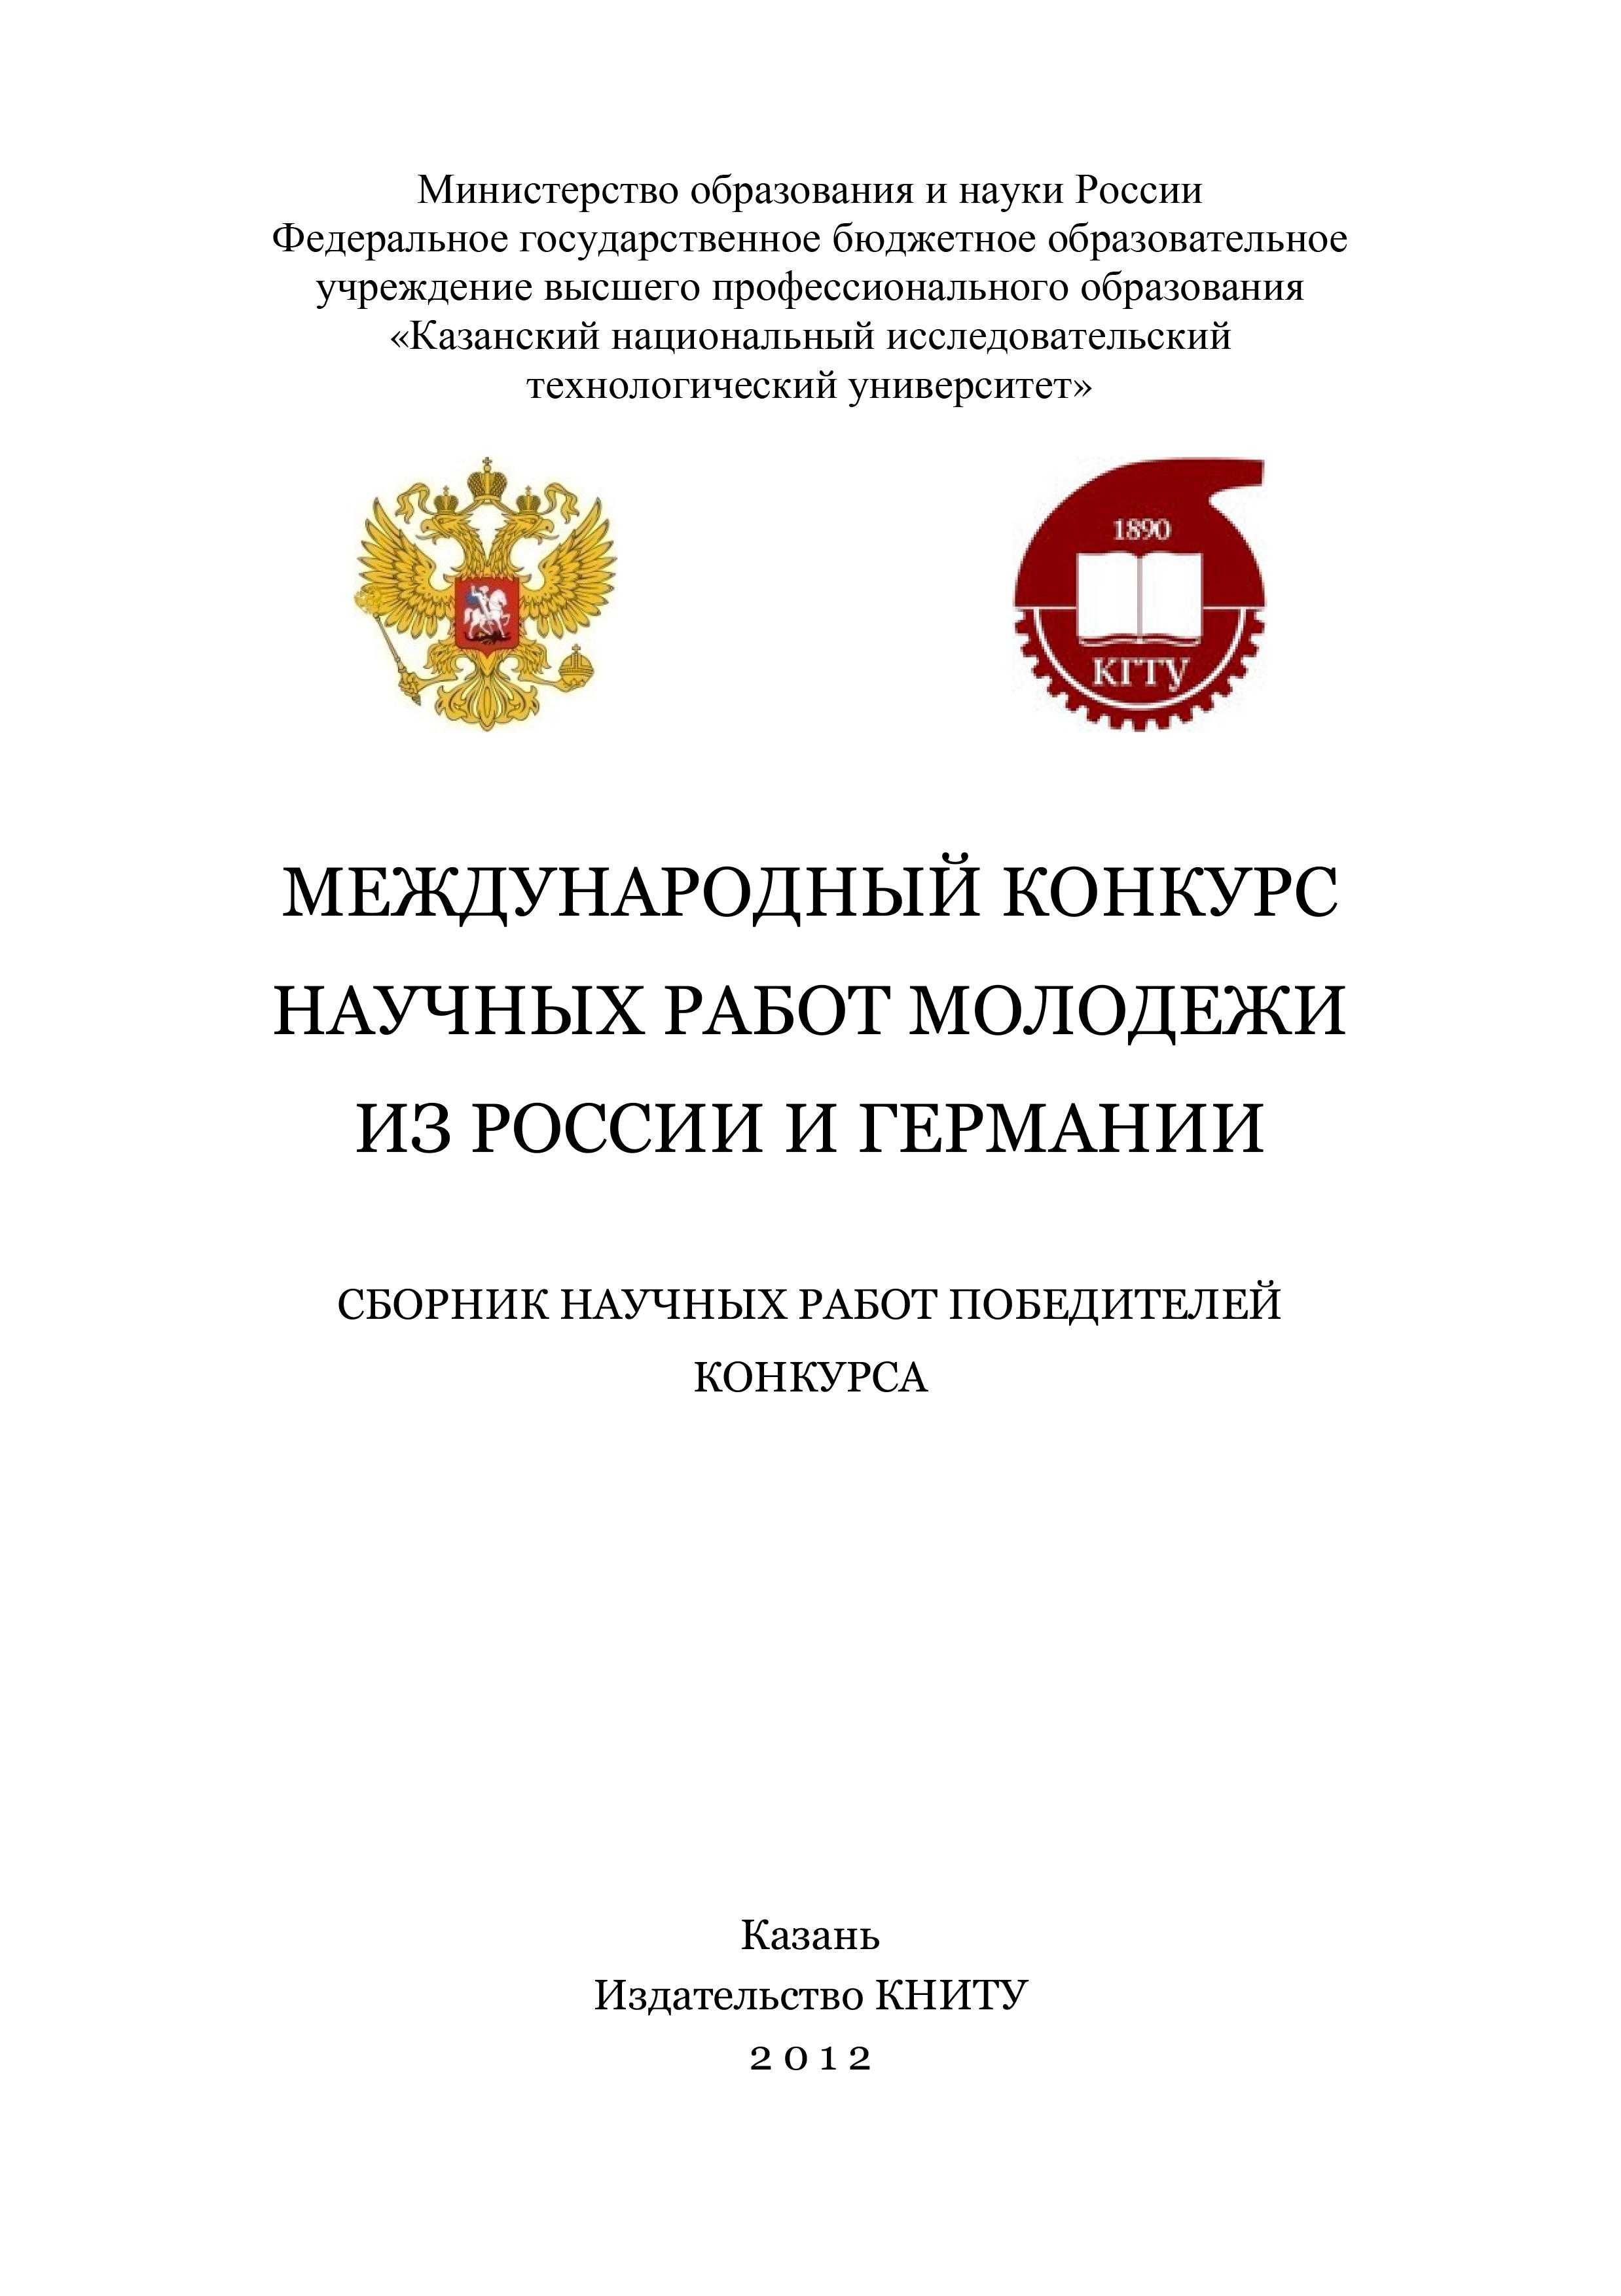 Коллектив авторов Международный конкурс научных работ молодежи из России и Германии